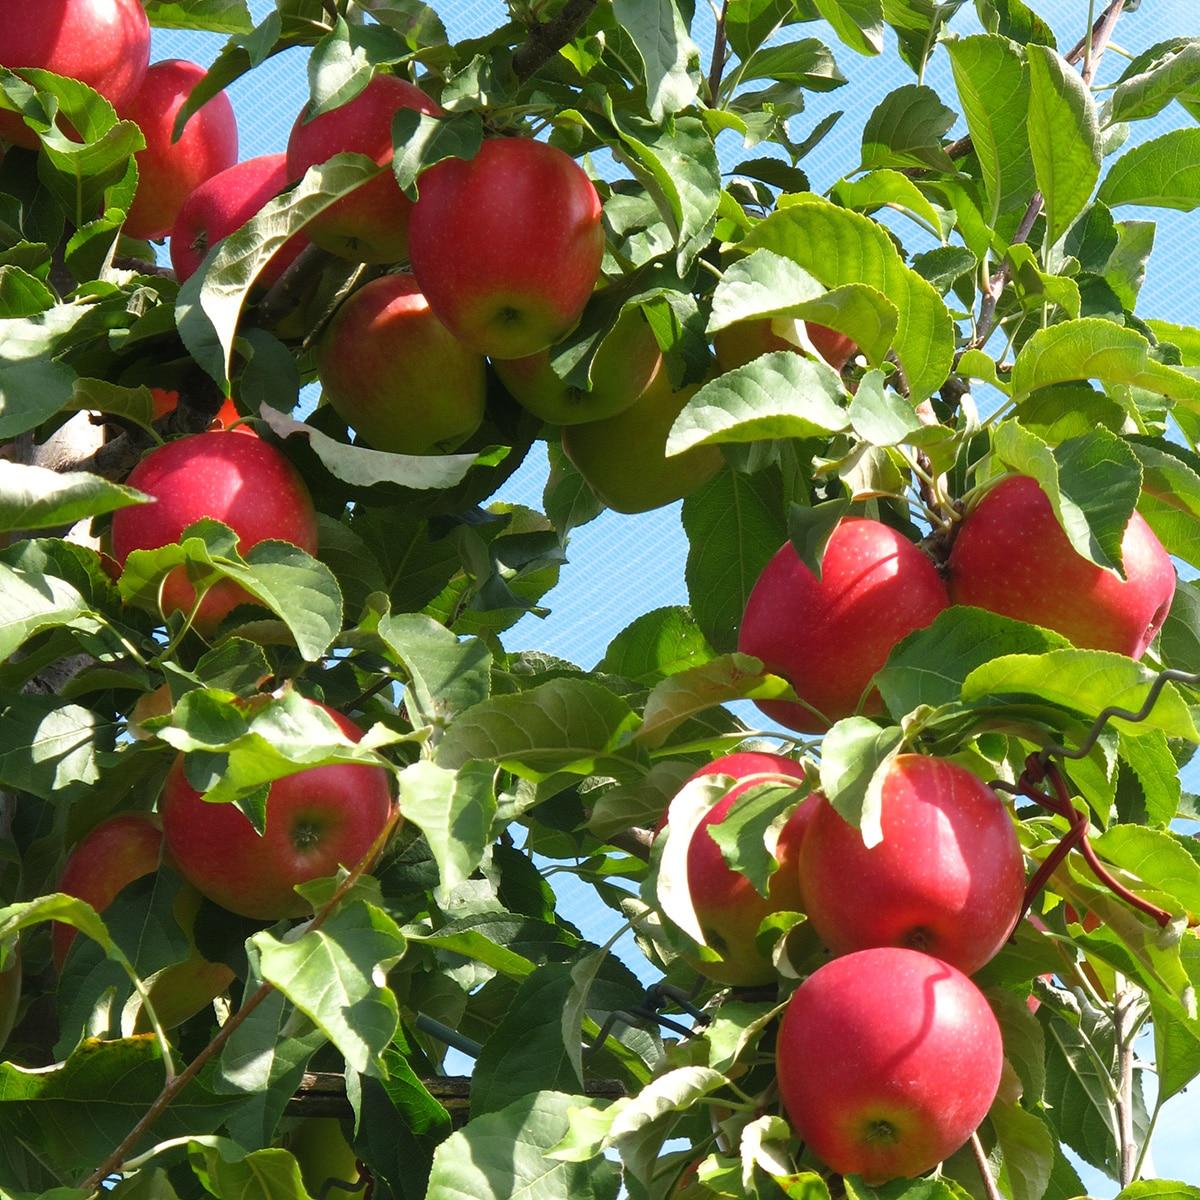 en automne, les pommes